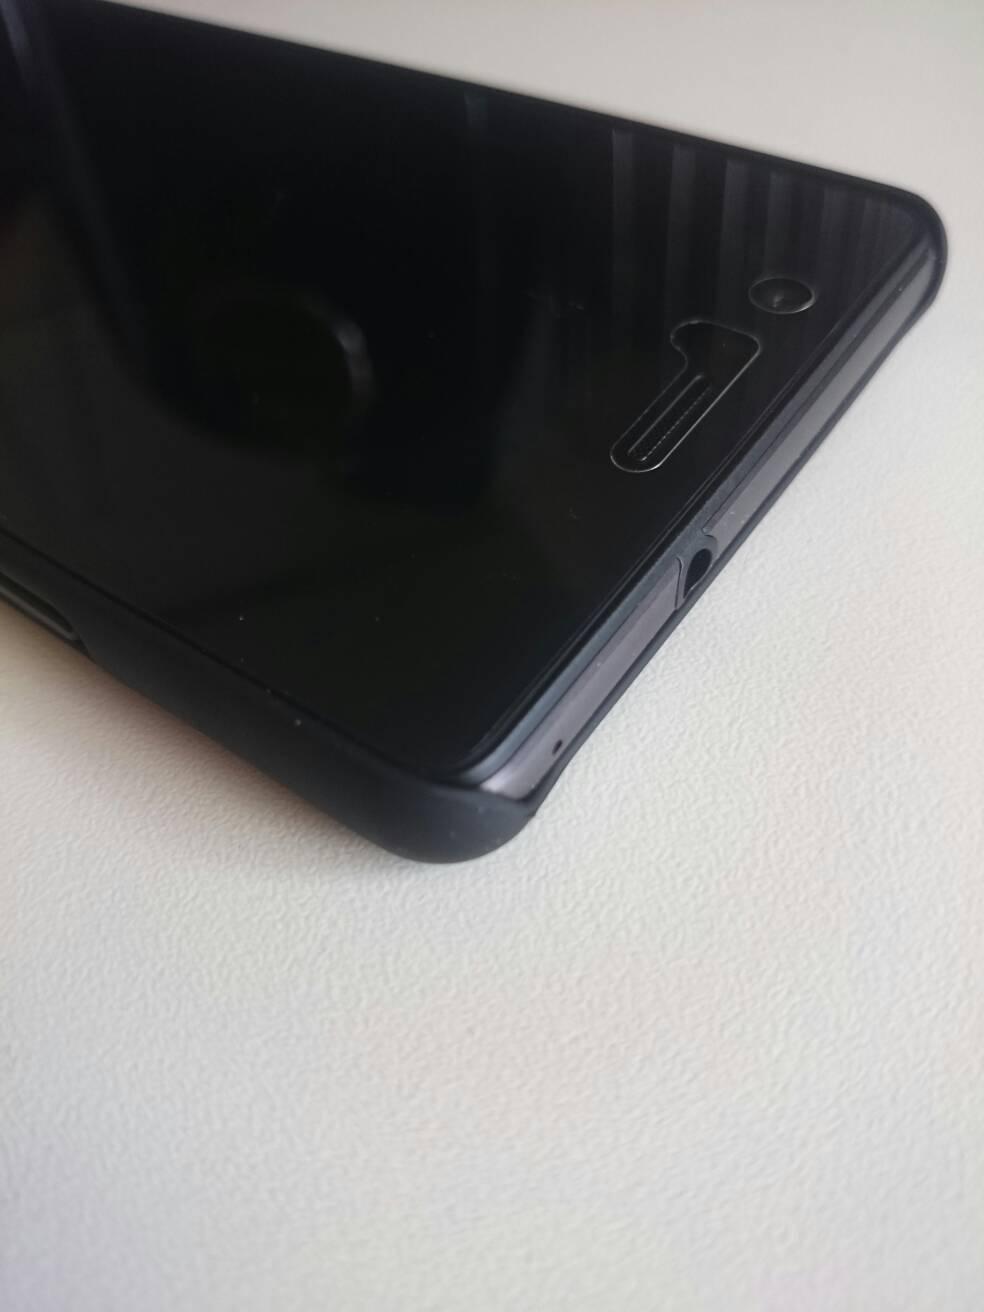 P9 Lite Case Review Thread | Huawei P9 Lite